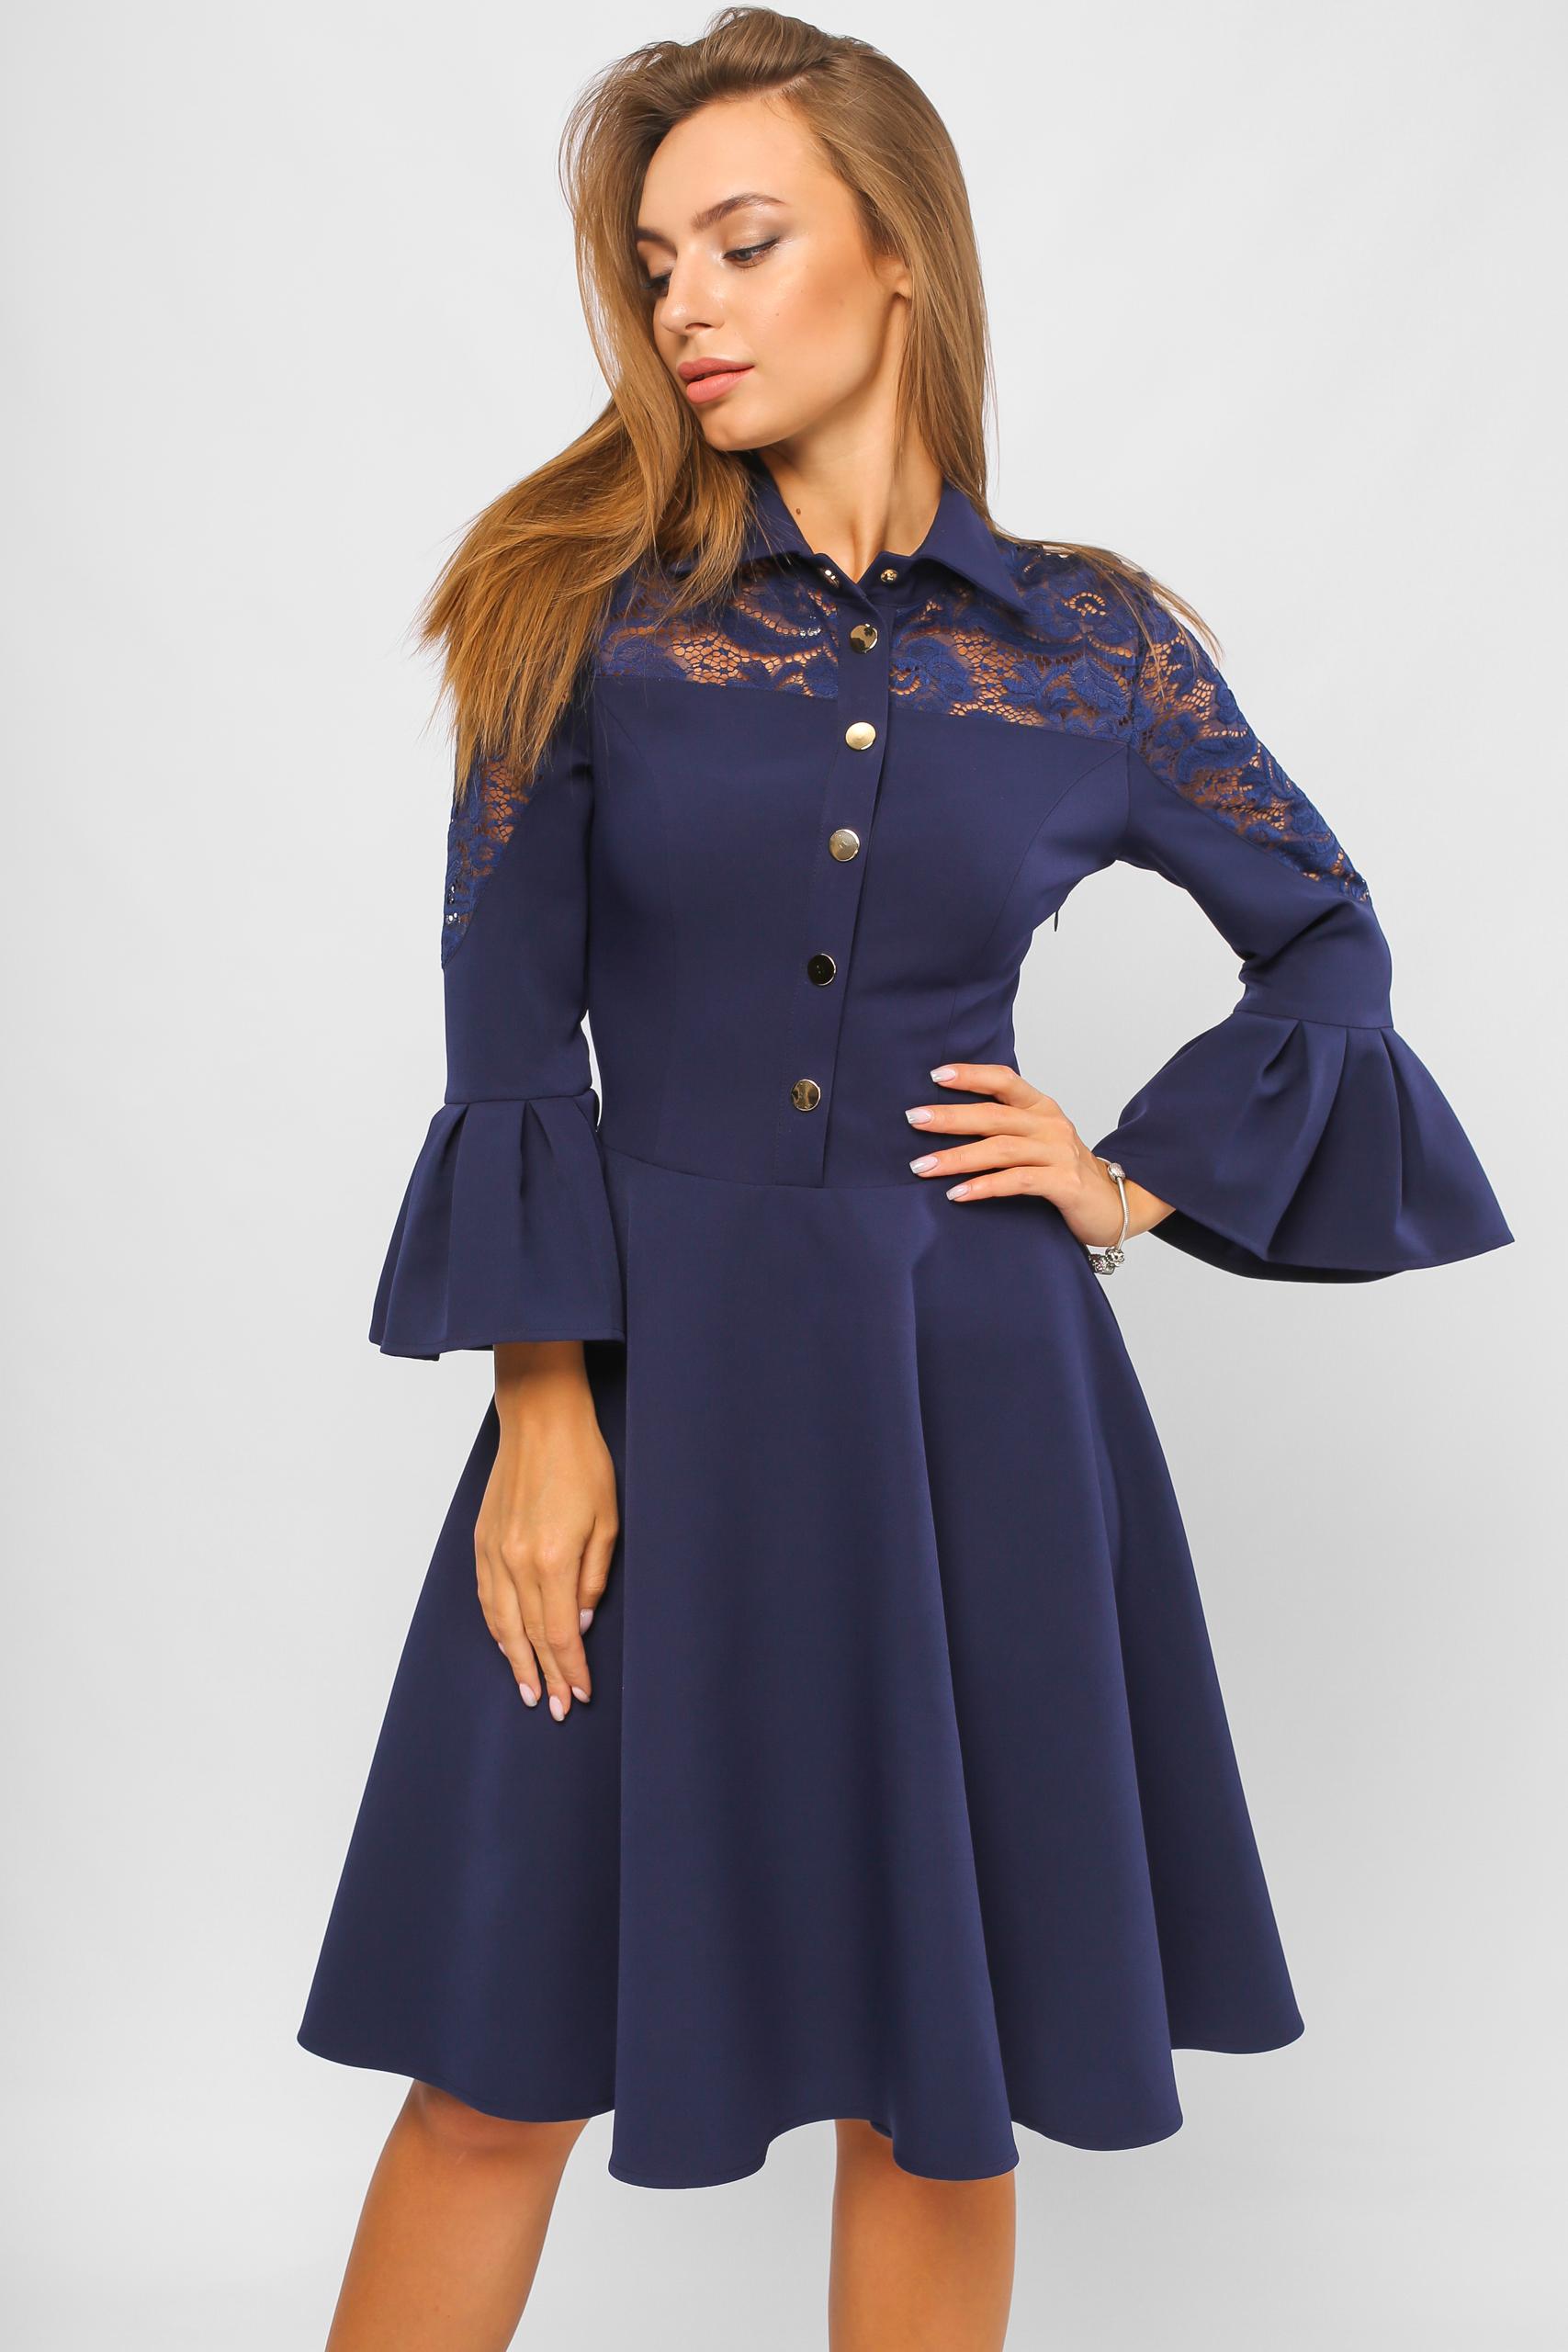 Сукня на кнопках Синя Lipar